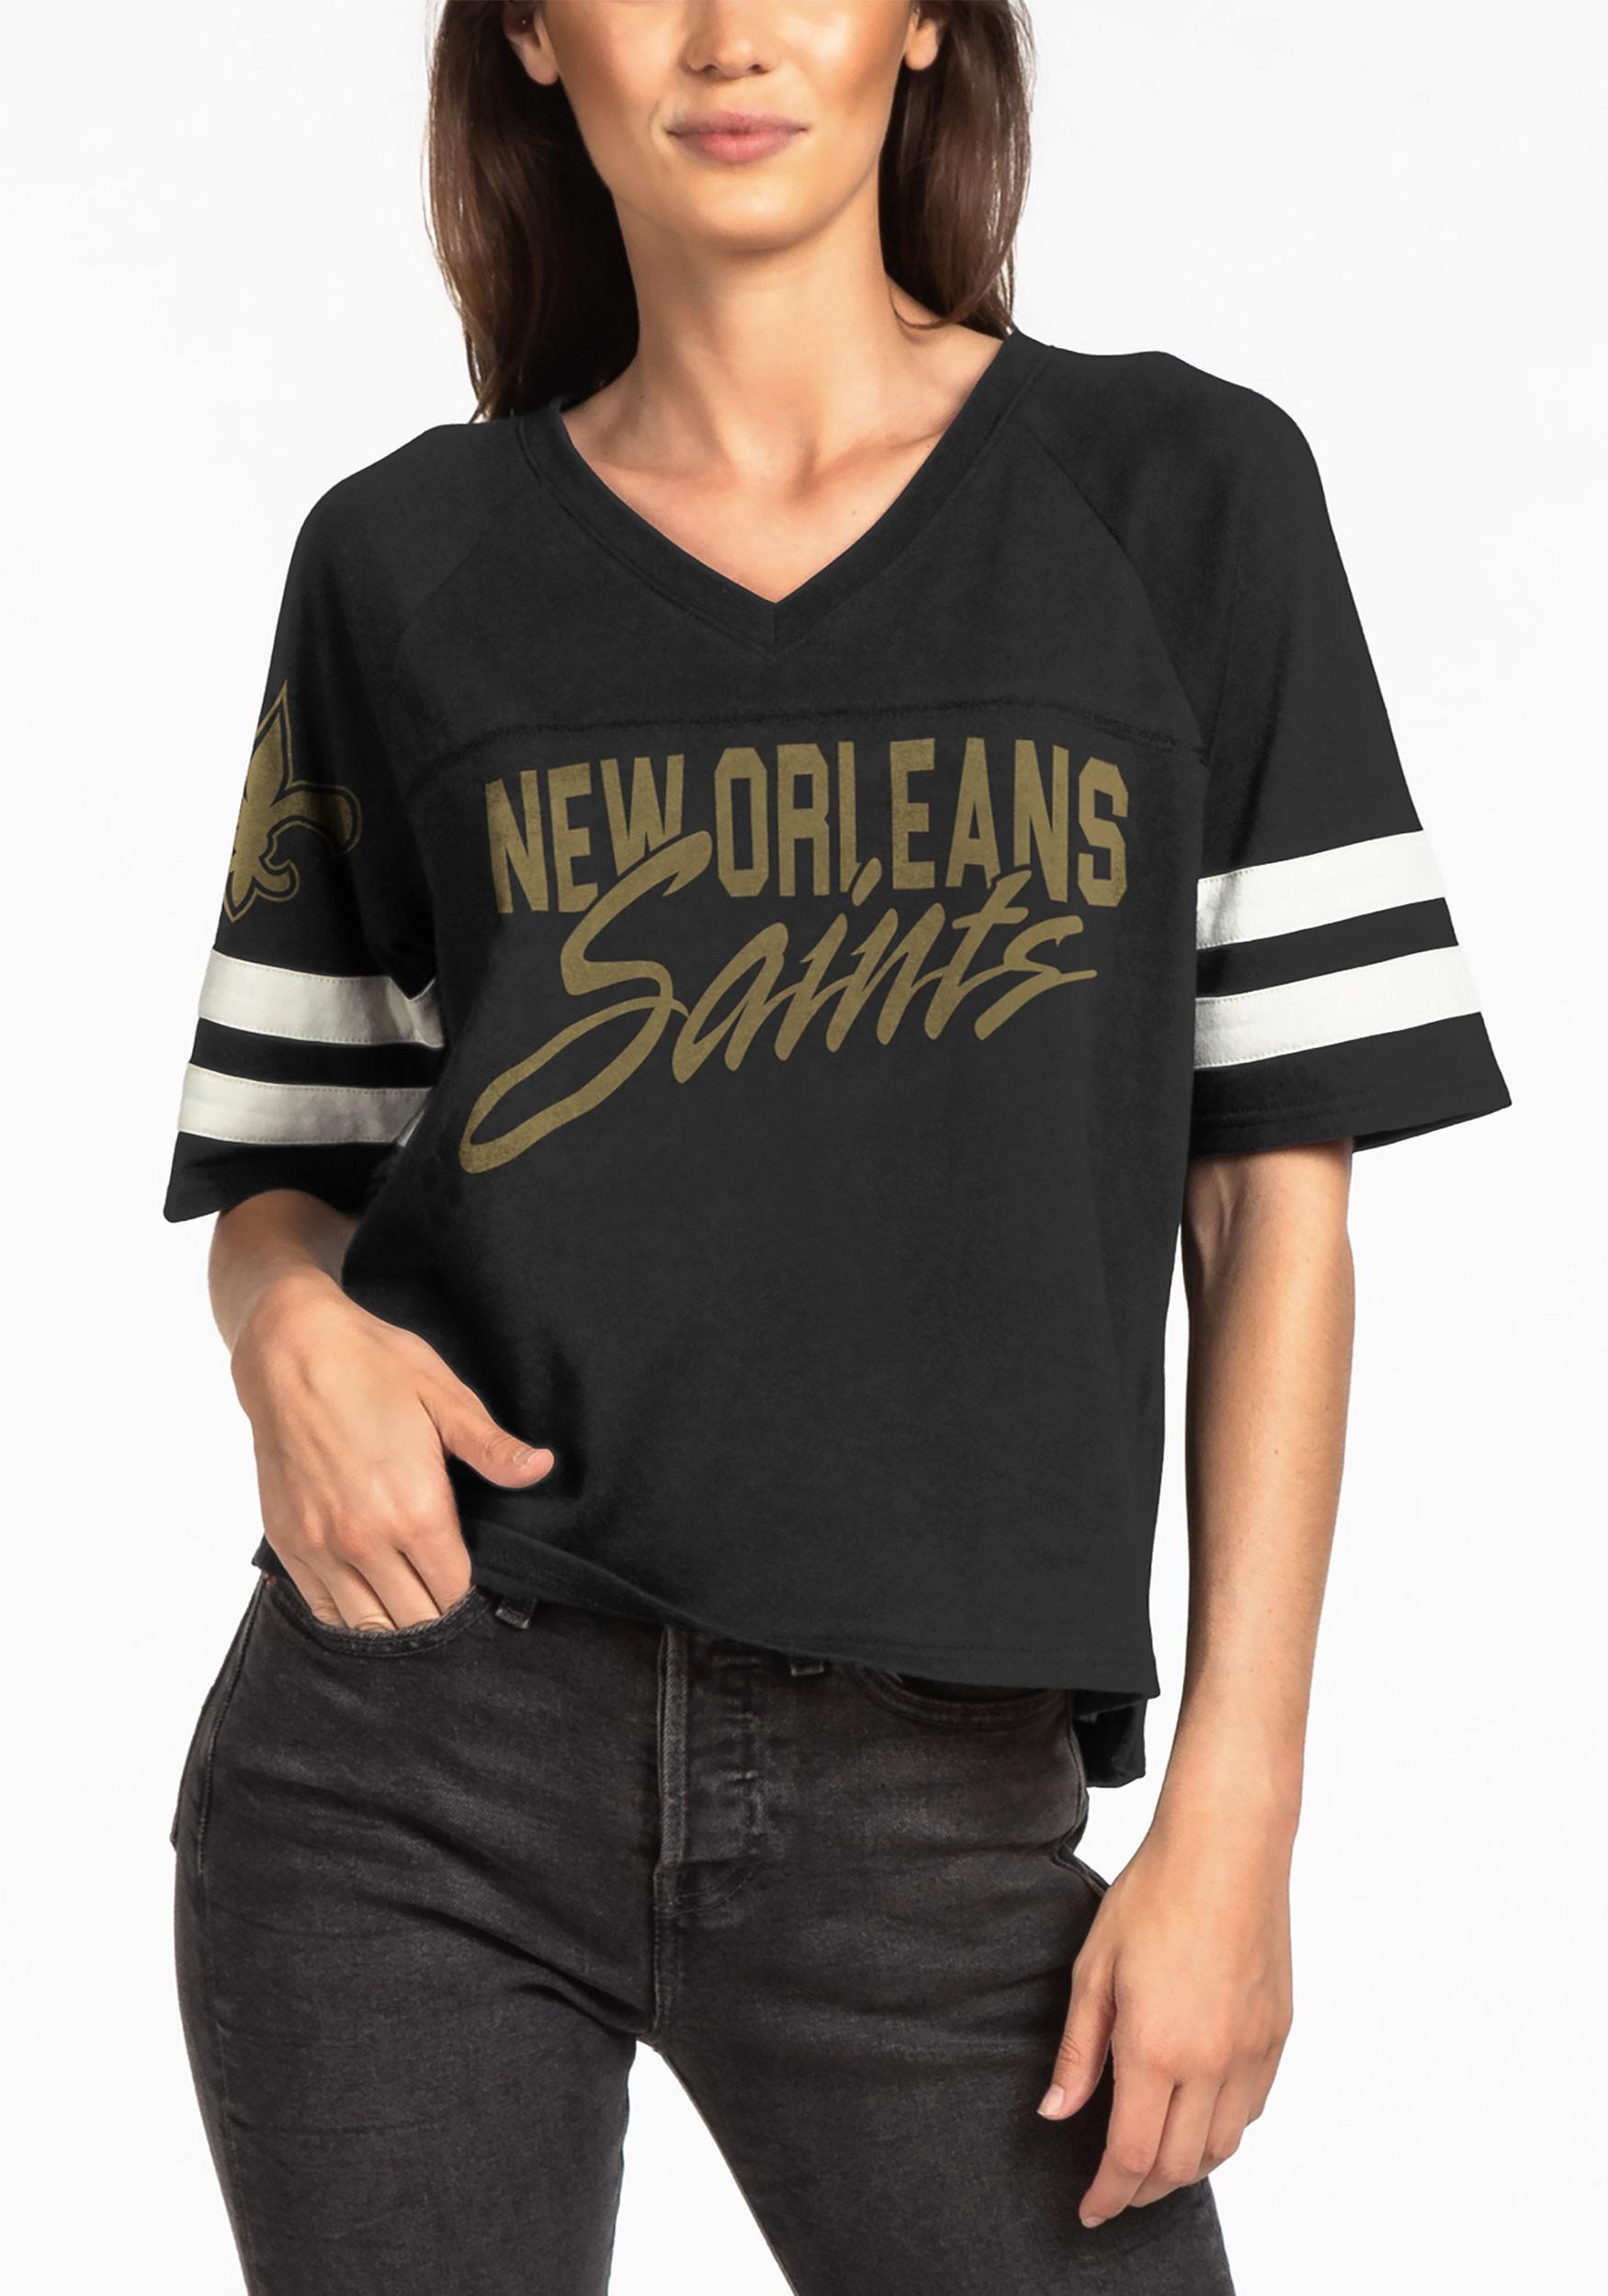 New Orleans Saints Bottle Suit Holder